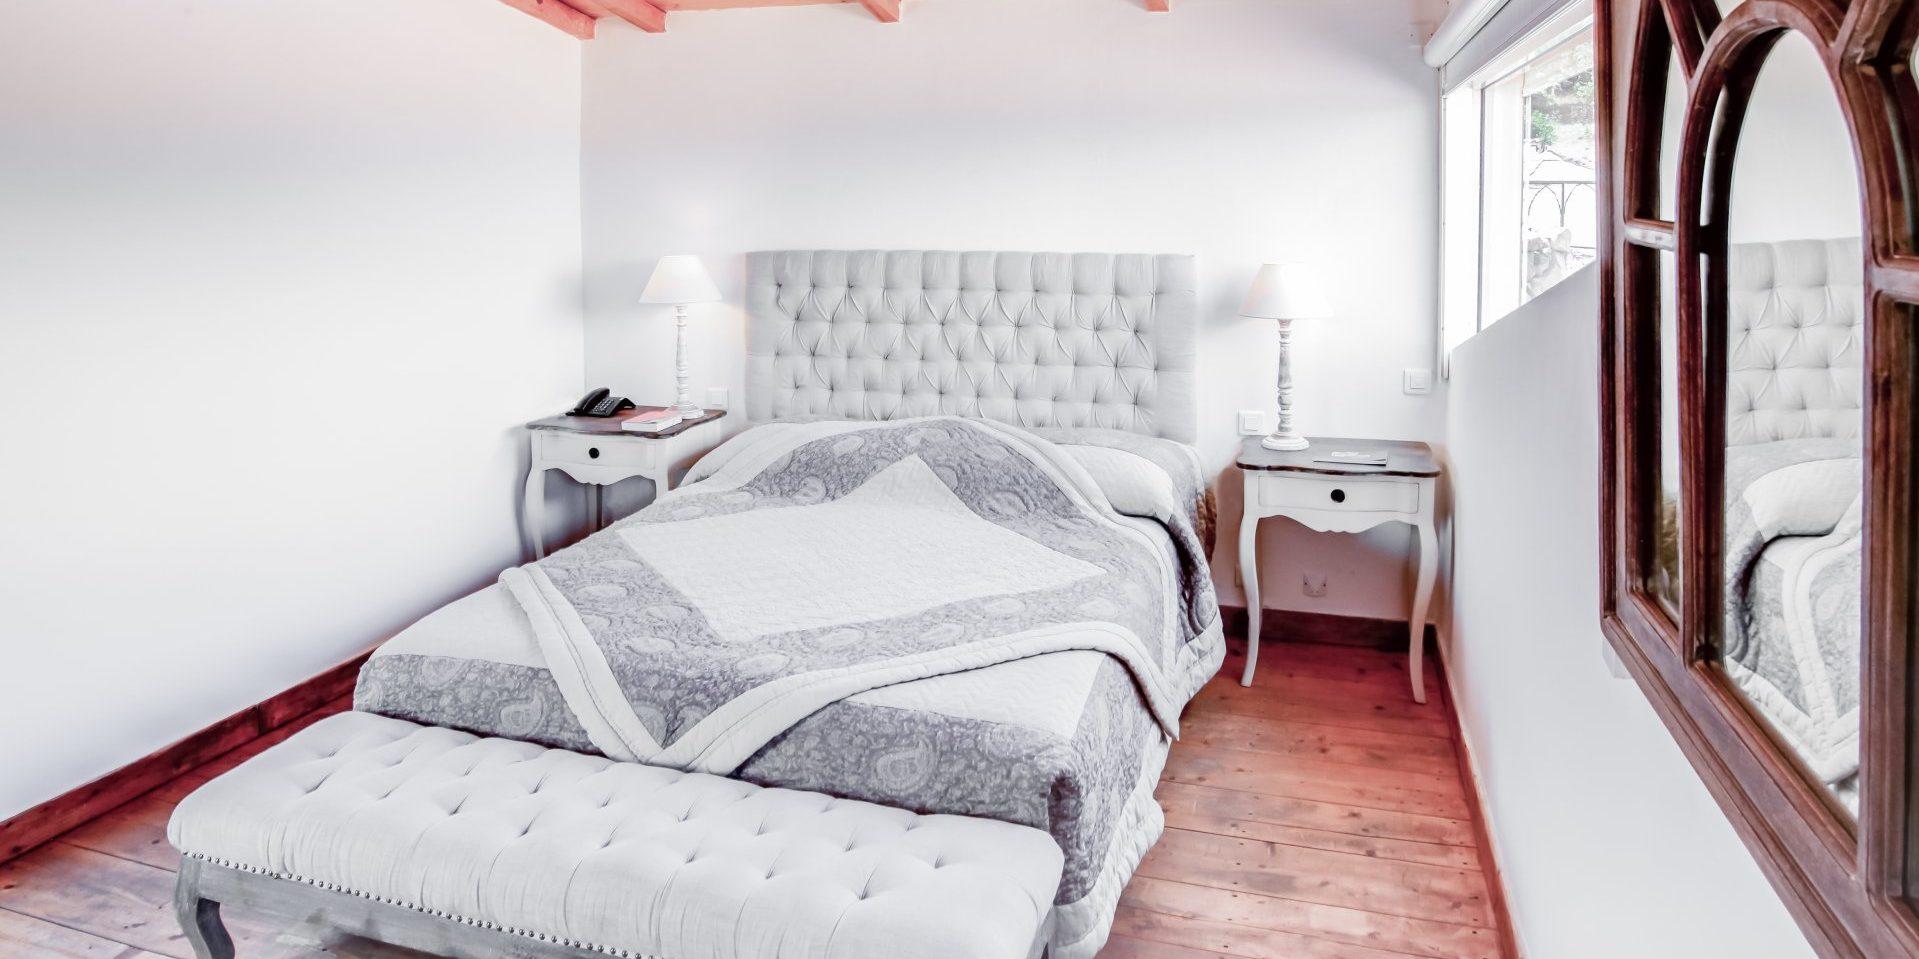 Hotel Le Roc E Fiori Porto-Vecchio Bocca del'Oro Corsica Frankrijk slaapkamer hout wit sprei quilt